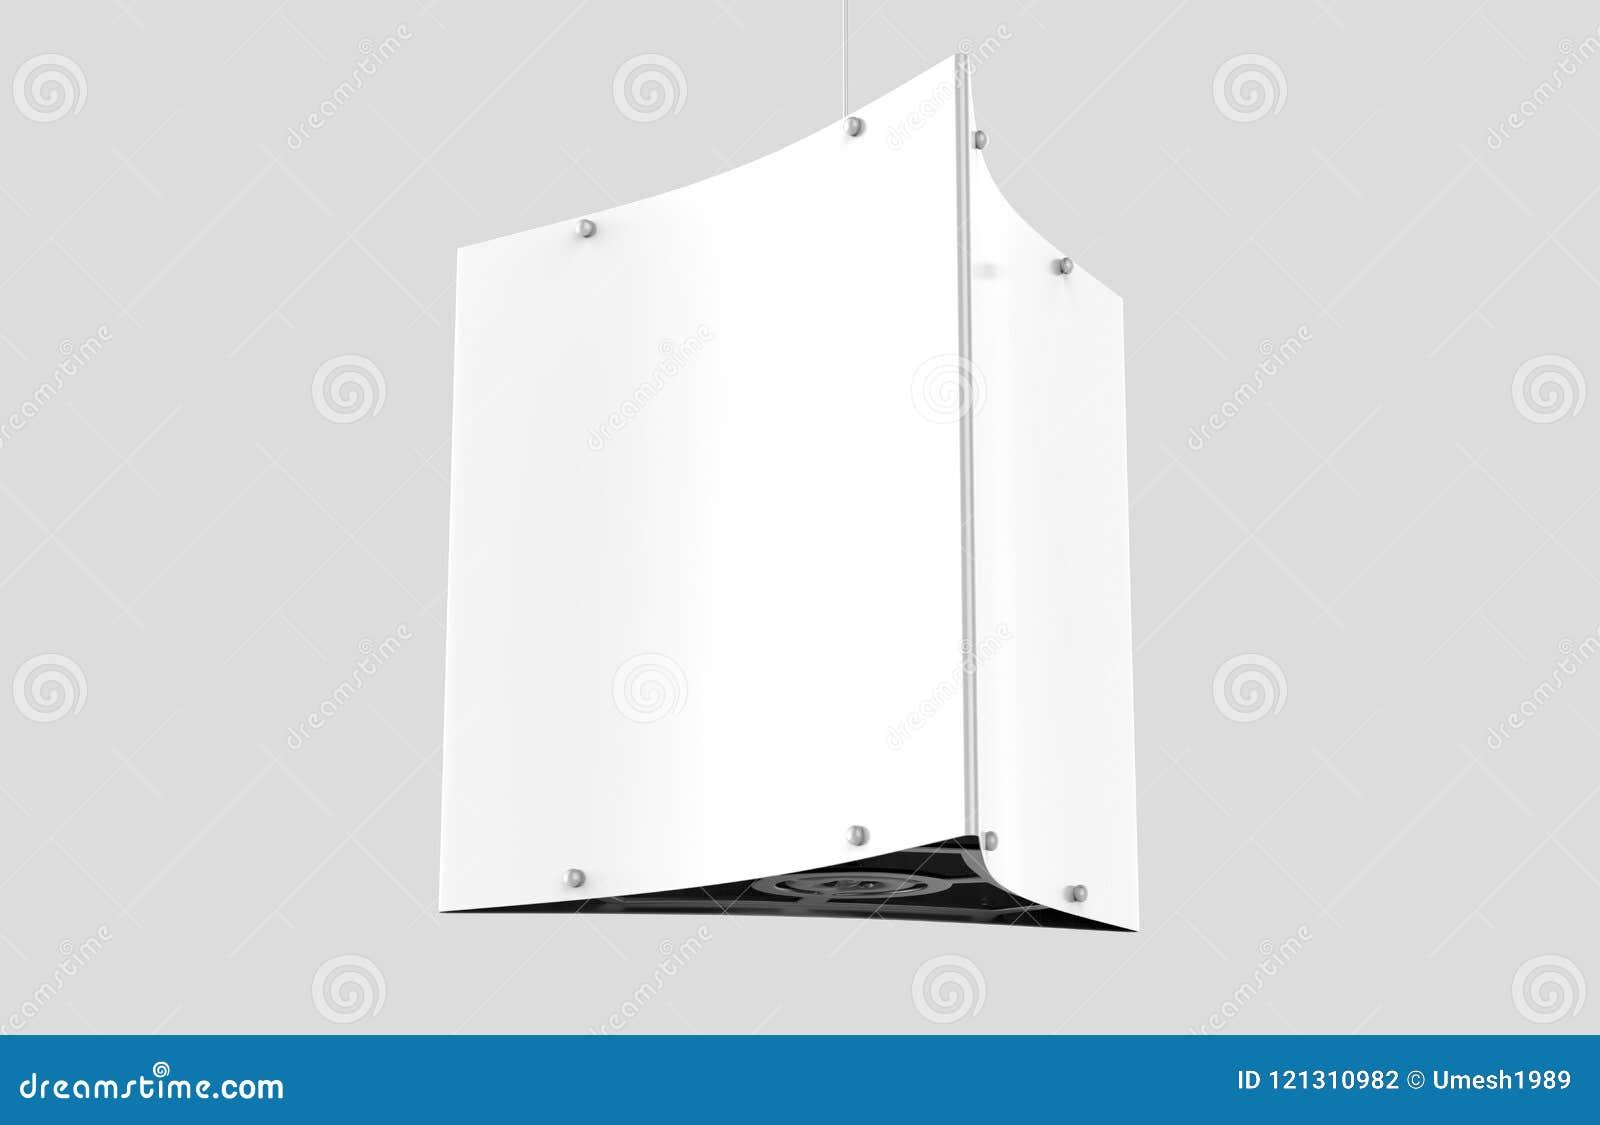 天花板Dangler硬件拿着三个图形板